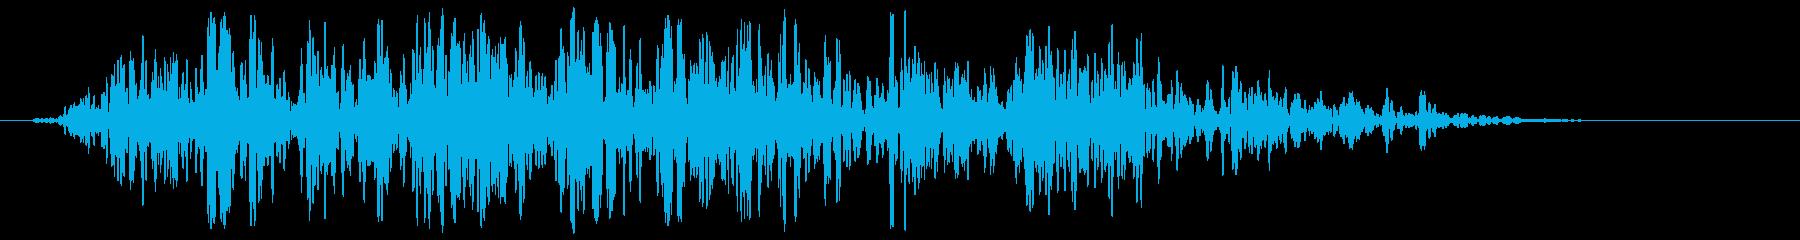 箱(動かす、引きずる)カラカラカラの再生済みの波形